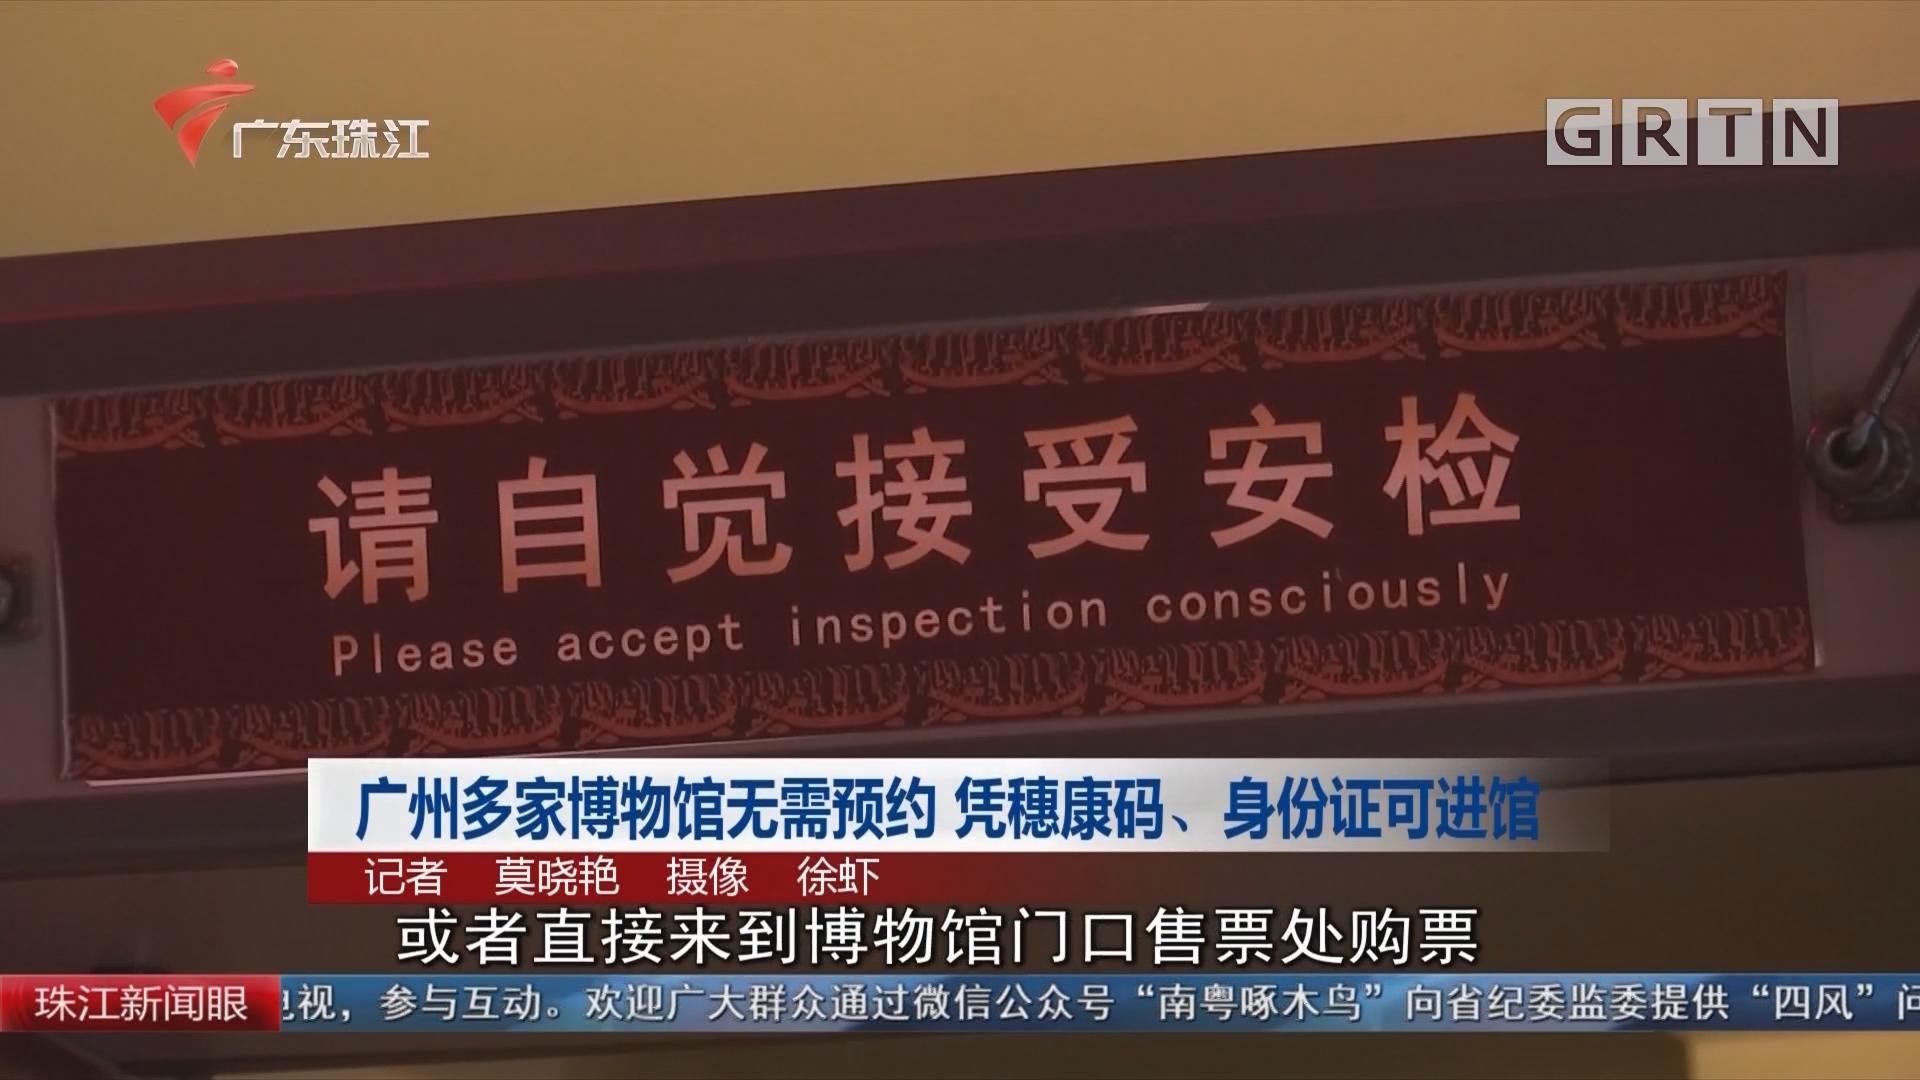 广州多家博物馆无需预约 凭穗康码、身份证可进馆